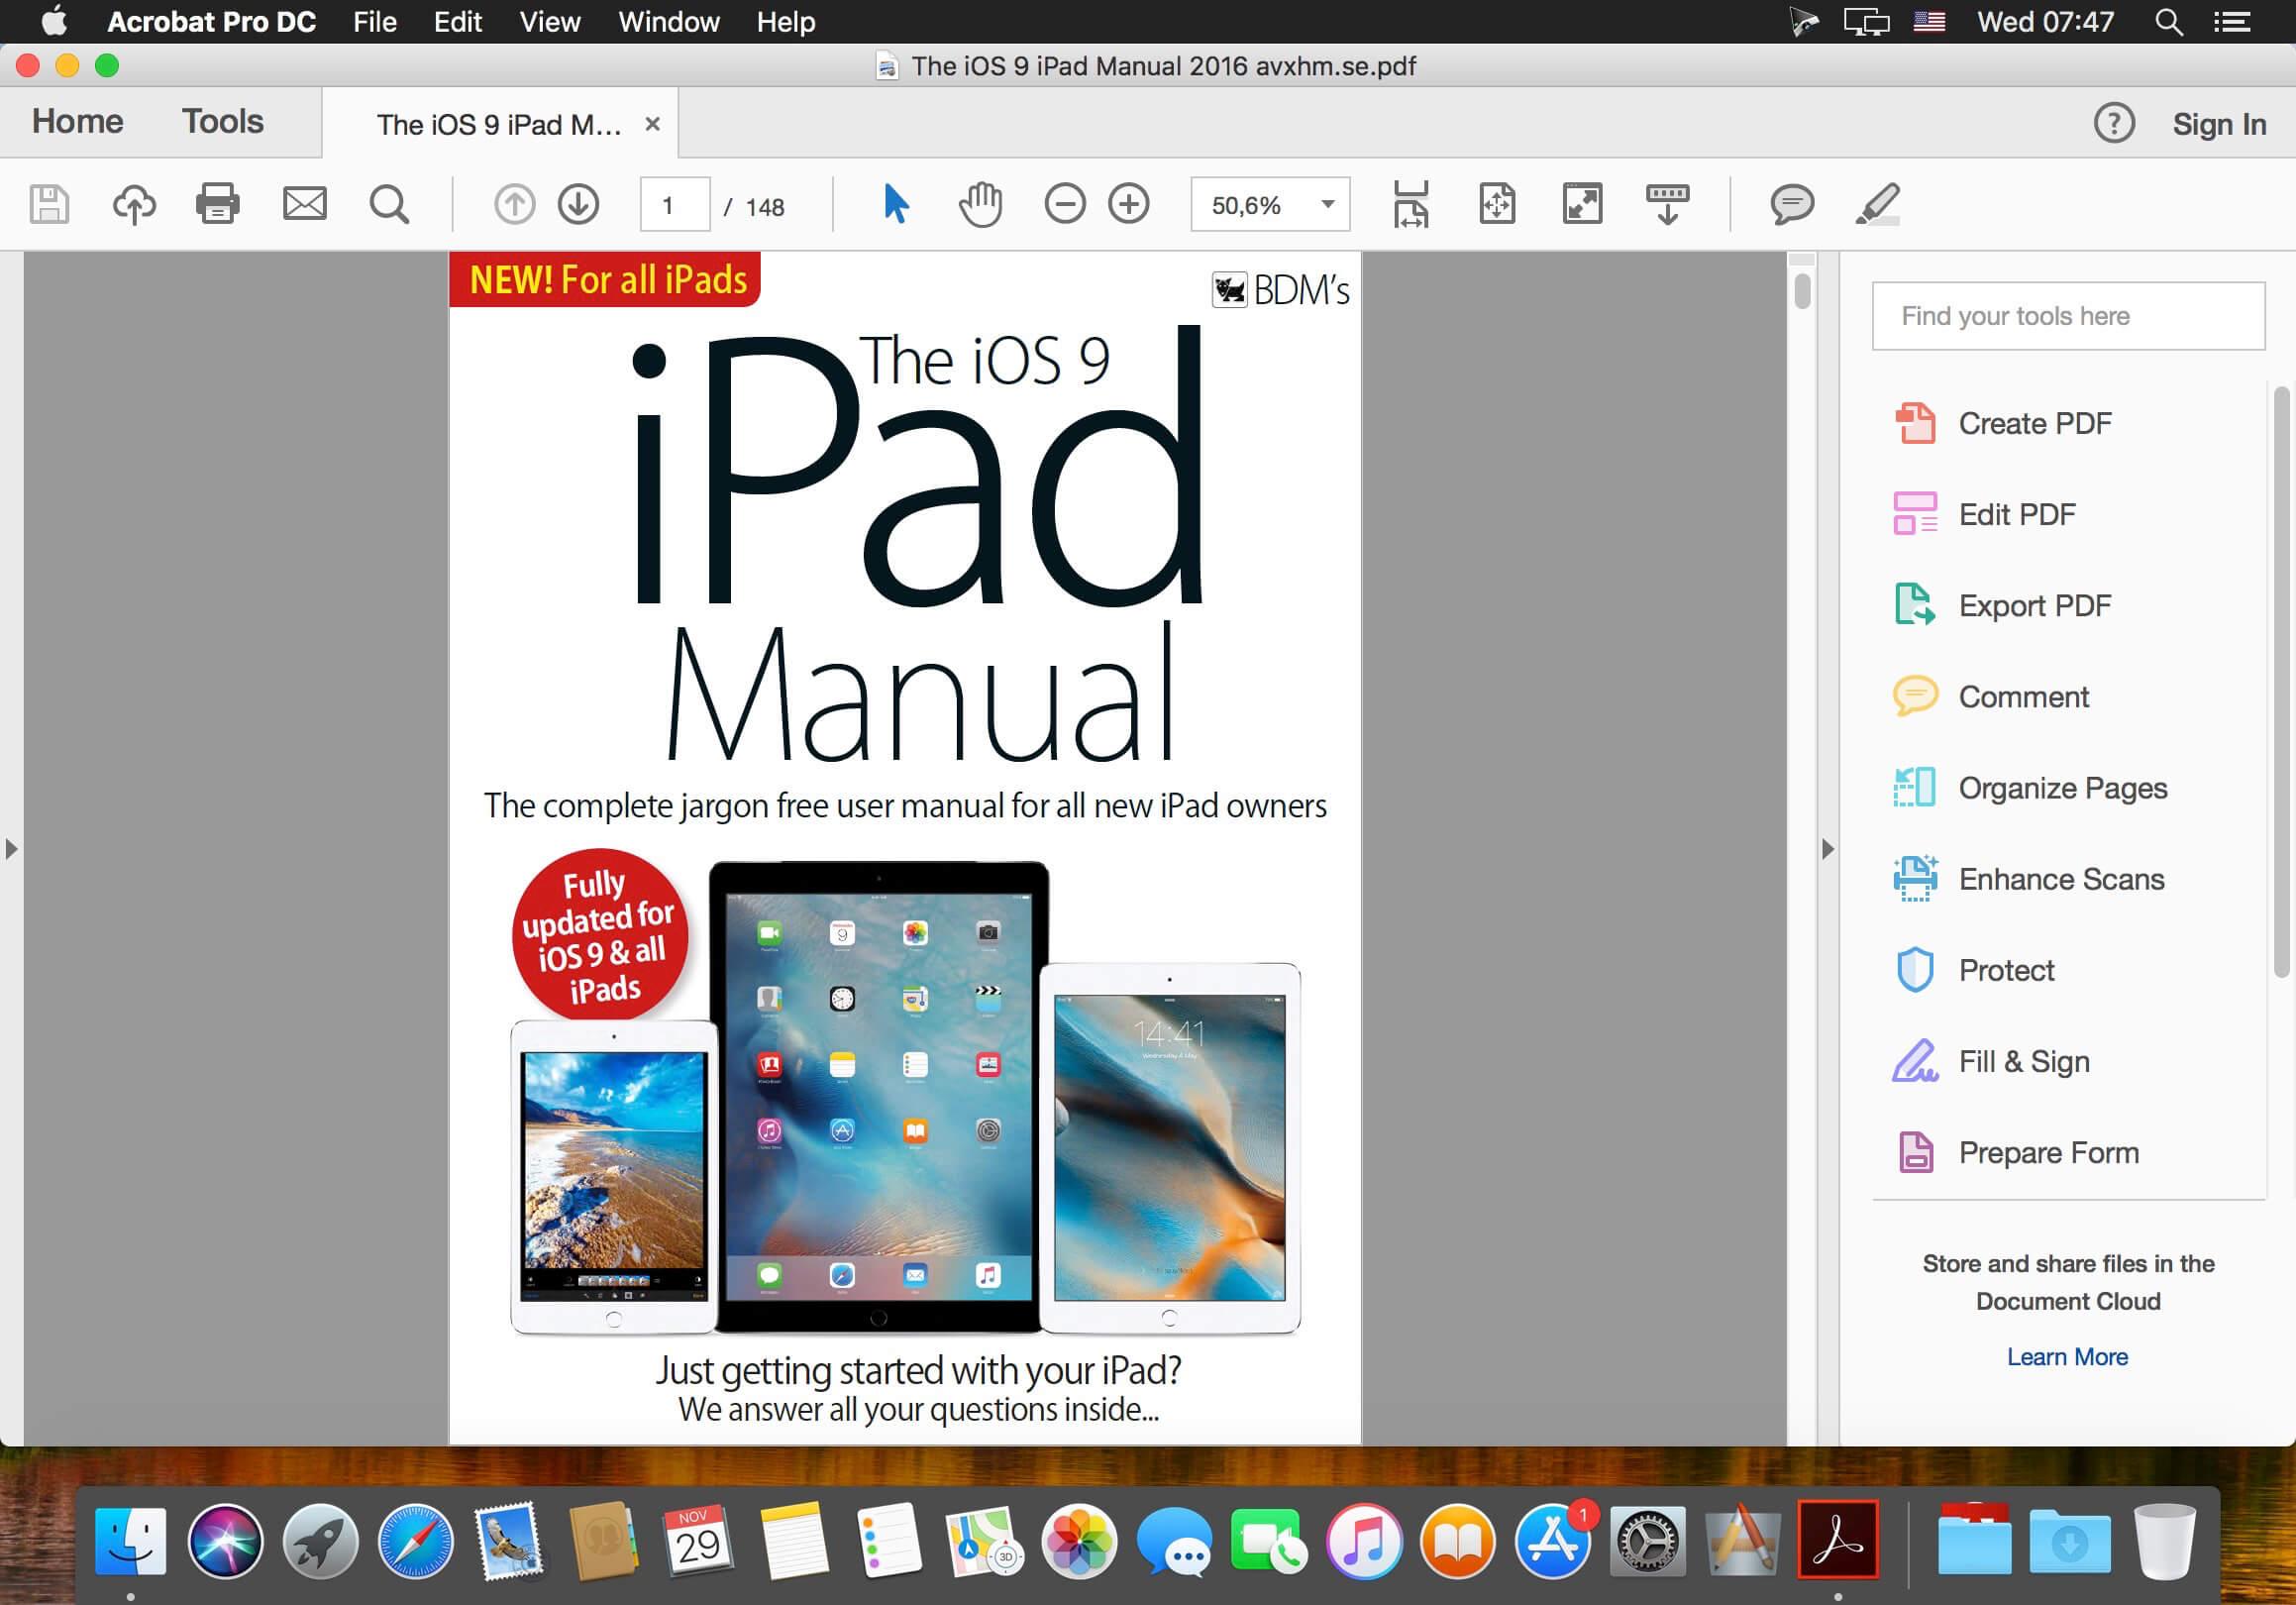 Download Acrobat Reader Mac Os X